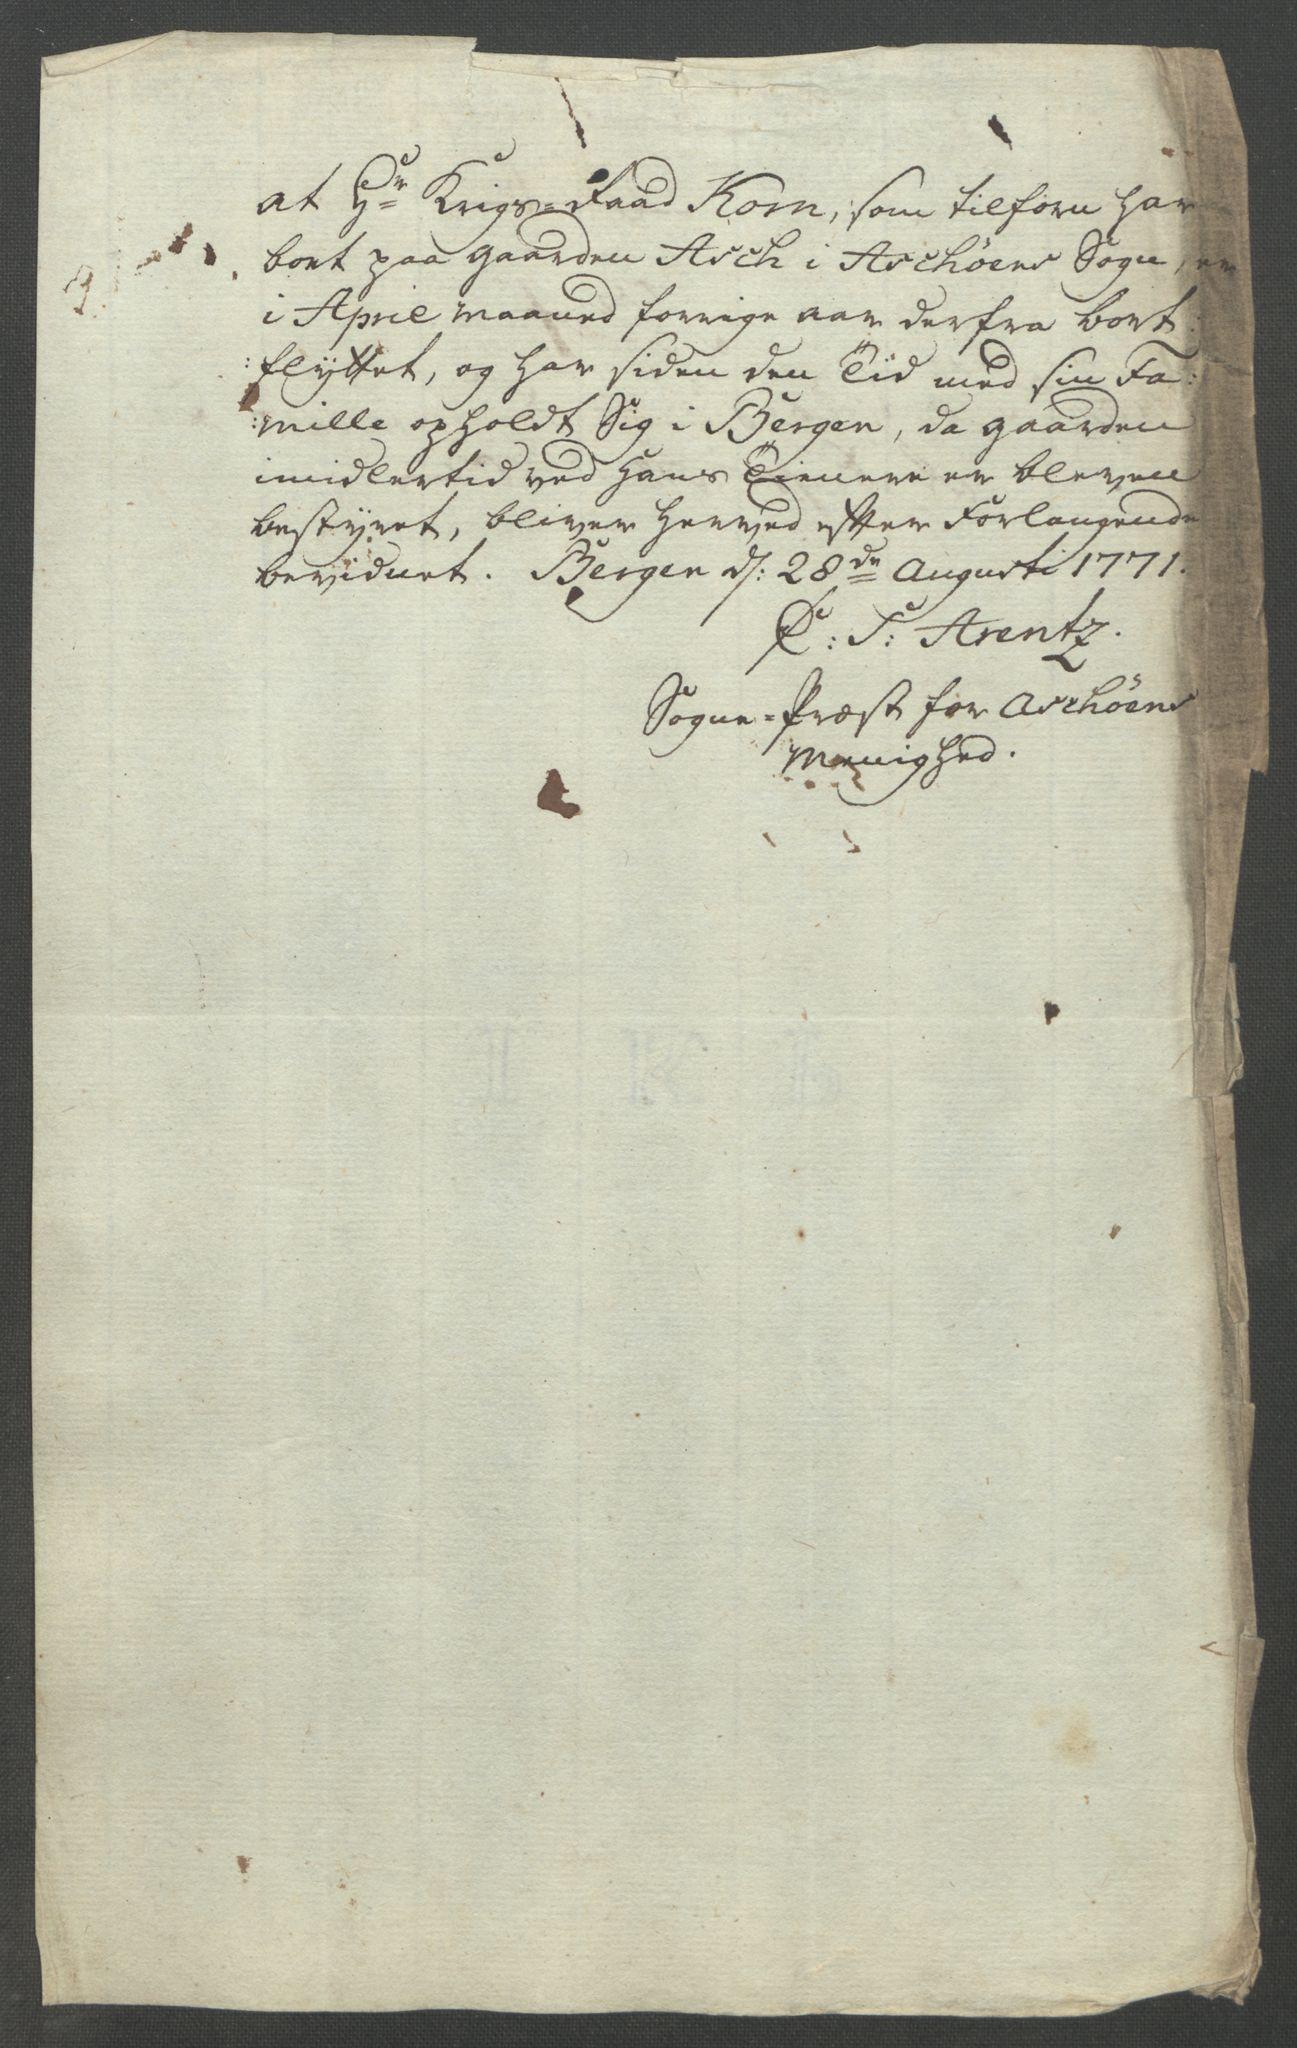 RA, Rentekammeret inntil 1814, Reviderte regnskaper, Fogderegnskap, R51/L3303: Ekstraskatten Nordhordland og Voss, 1762-1772, s. 405